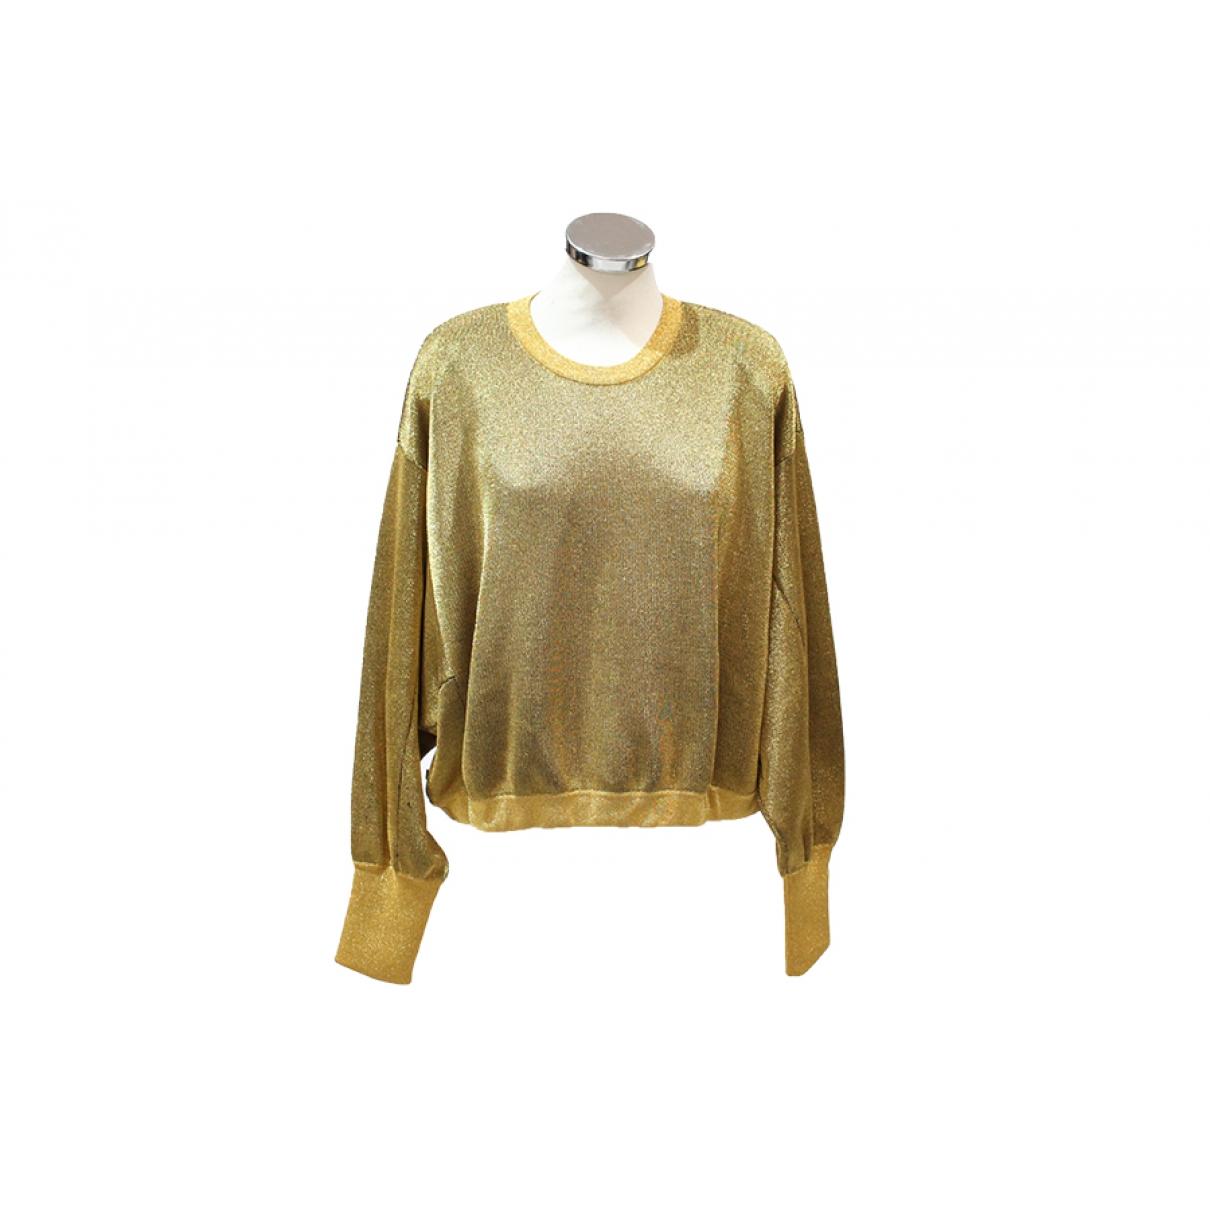 Louis Vuitton - Pull   pour femme en laine - dore